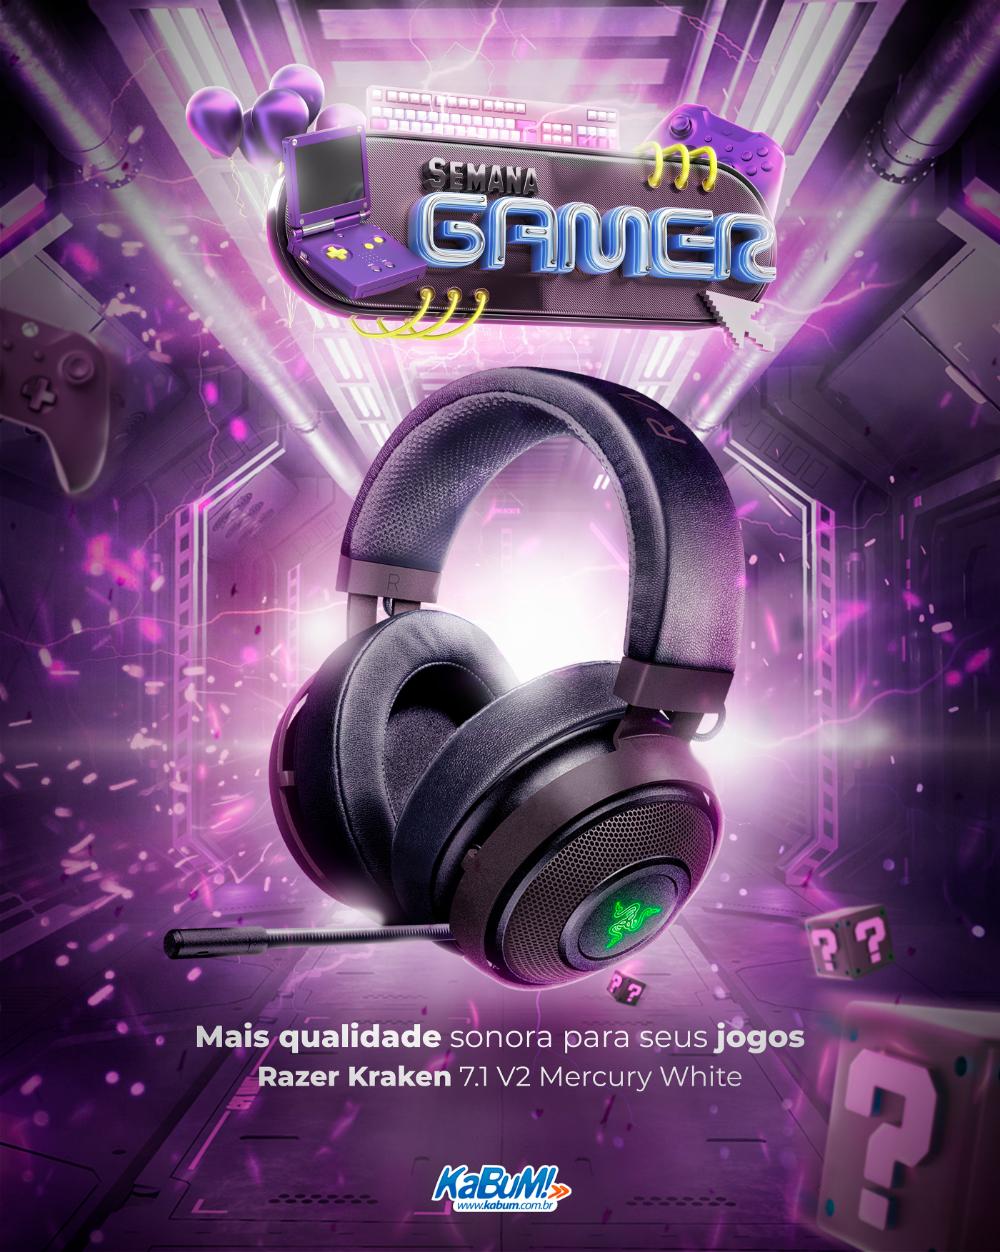 Semana Gamer Kabum On Behance In 2020 Photoshop Cinema 4d Flyer Design